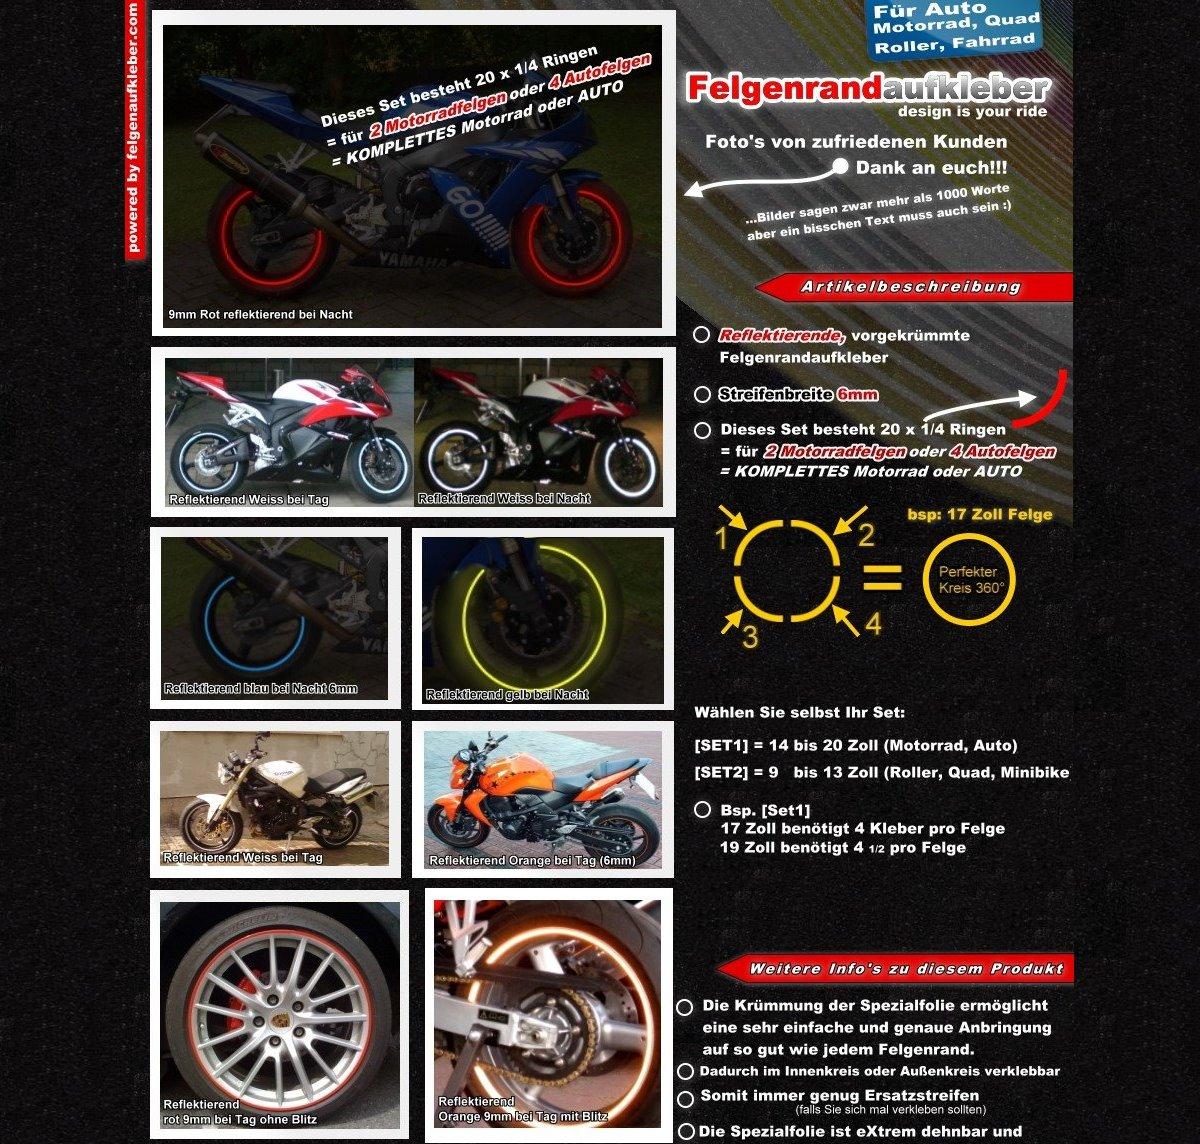 LMIAOM Vordere und hintere R/äder reflektierende Gummiaufkleber f/ür M365 E-Roller Hardware-Zubeh/ör DIY-Tools